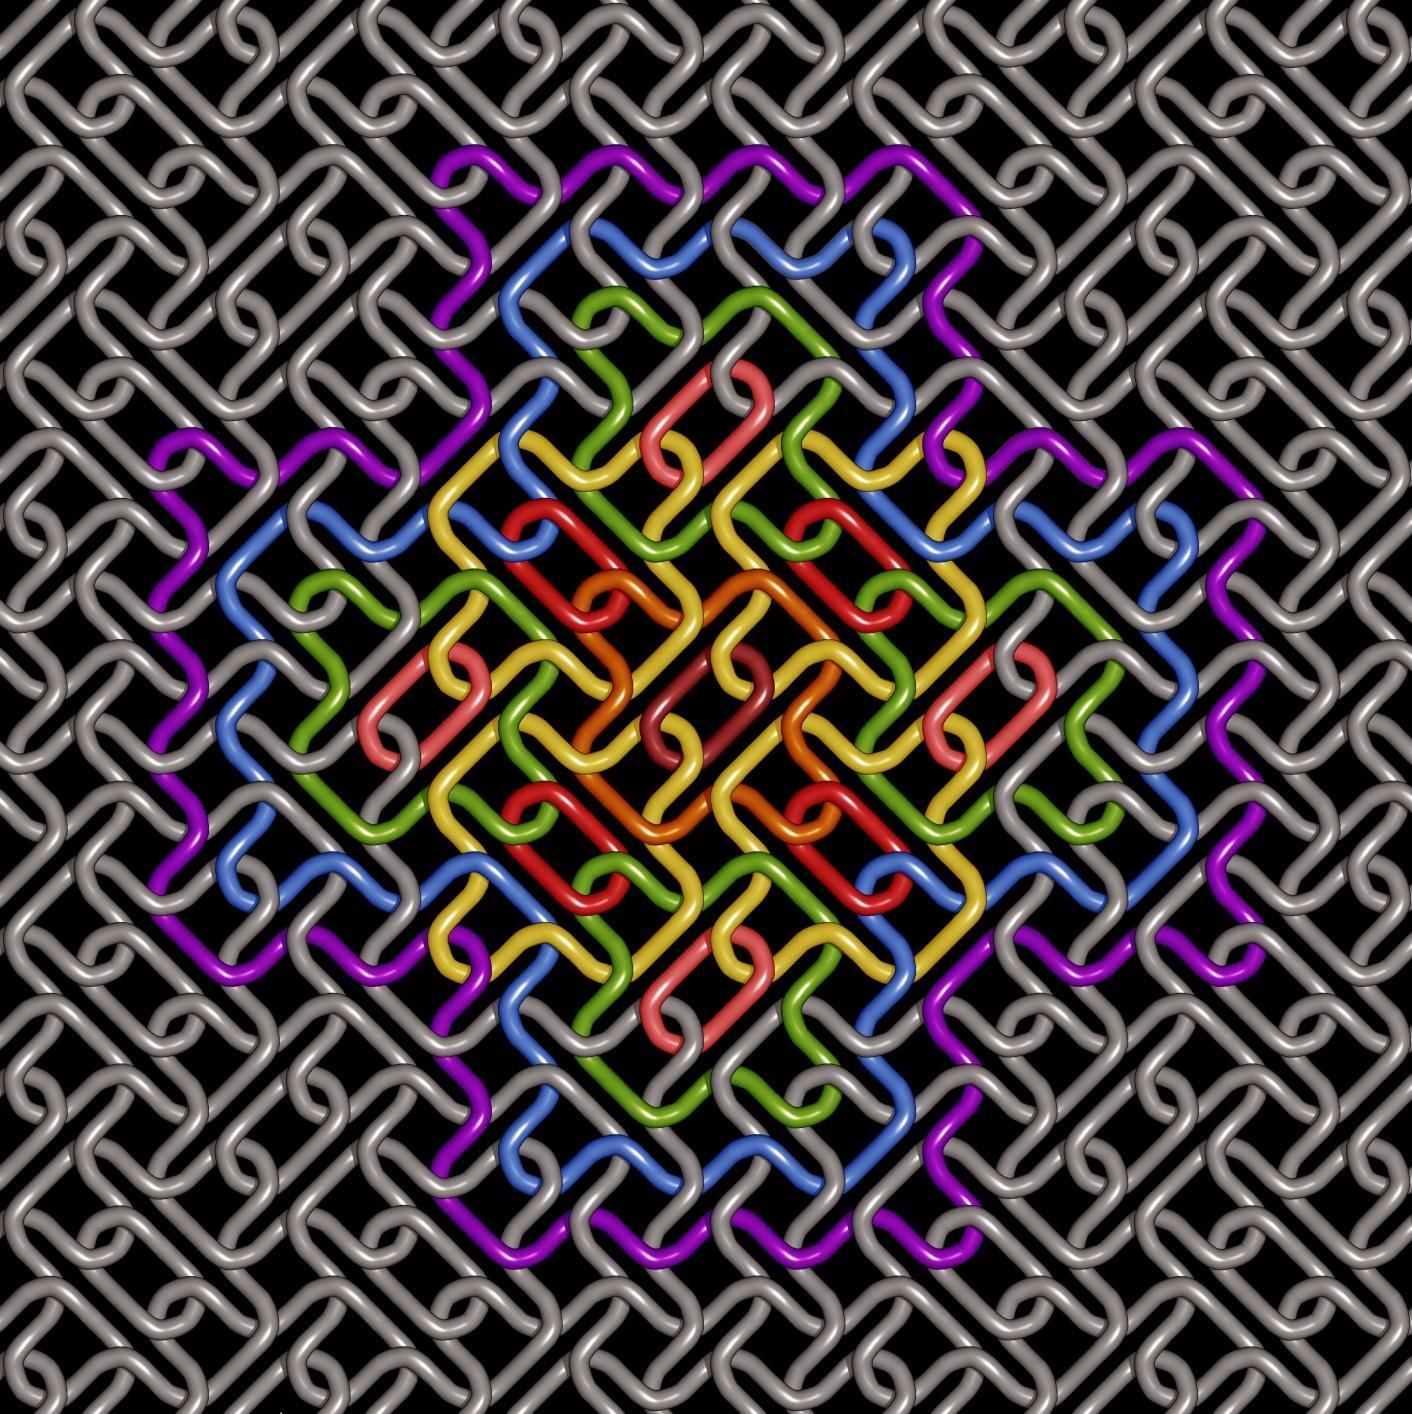 Resultados da Pesquisa de imagens do Google para http://lcni.uoregon.edu/~dow/Geek_art/Simple_recursive_systems/Tesselations/Four_knots/Four_knot_1.jpg